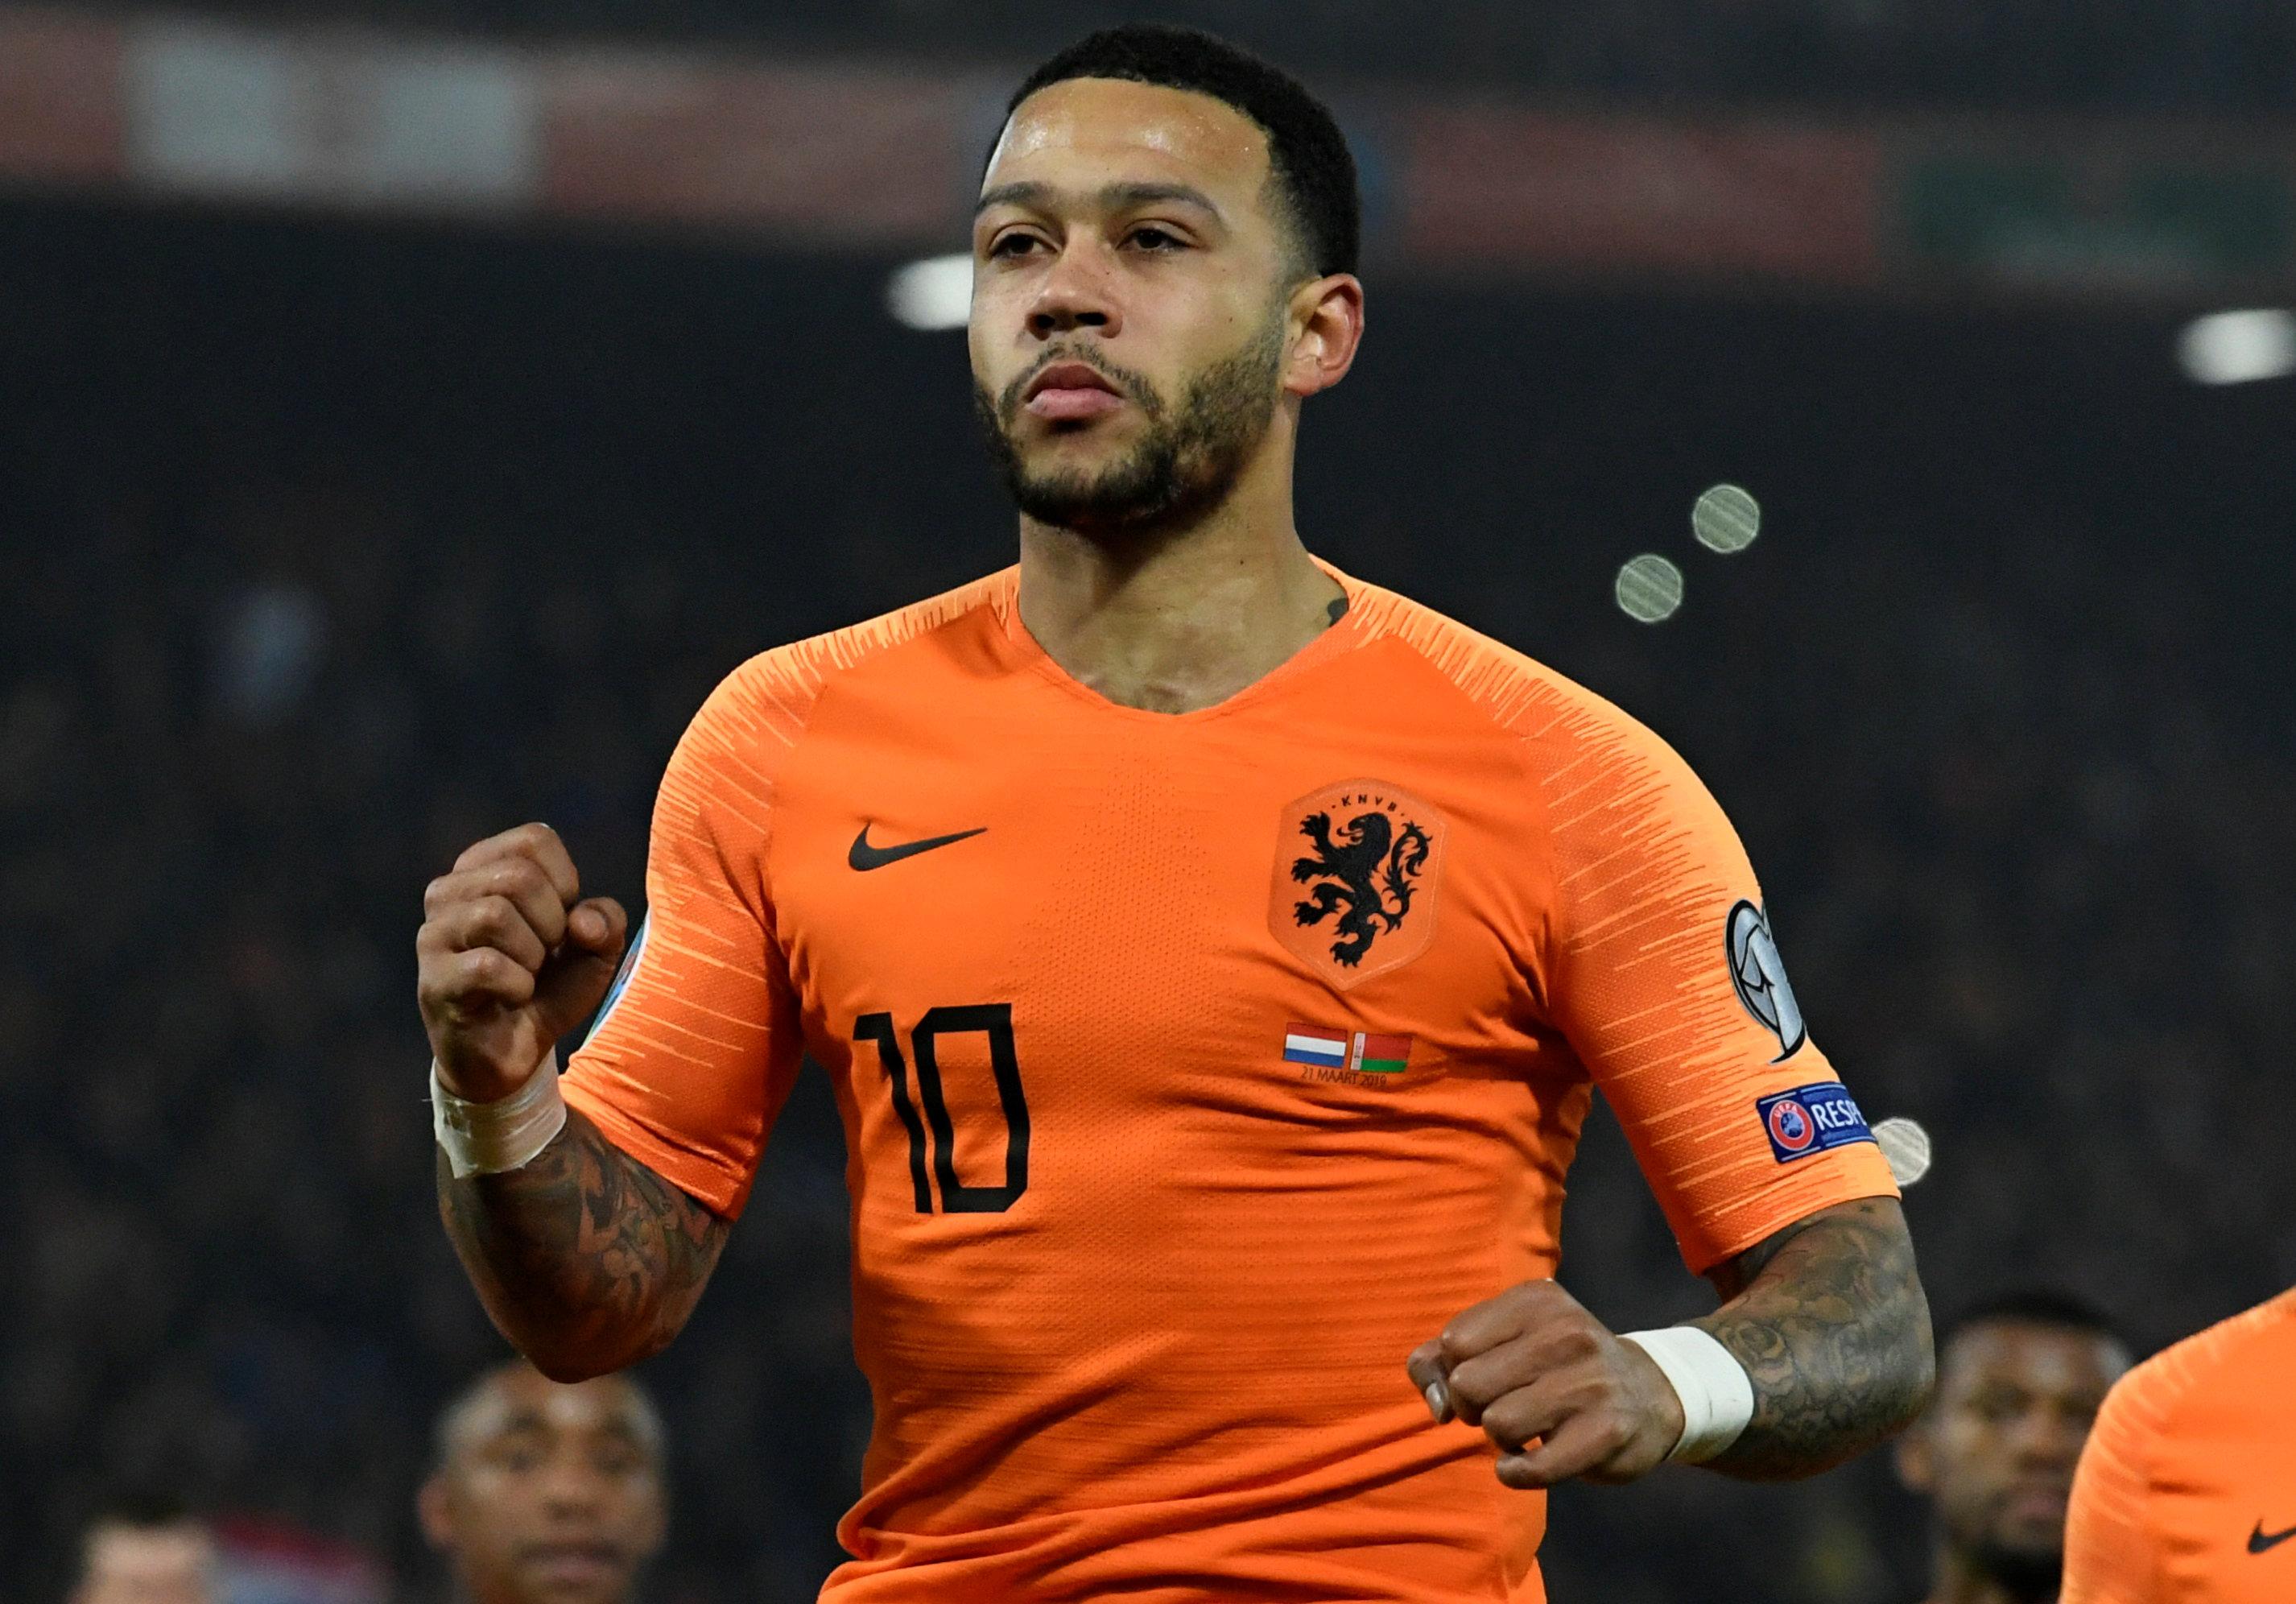 En fotos: Países Bajos sigue su fiesta y ahora mostró su dominio en la eliminatoria de Eurocopa